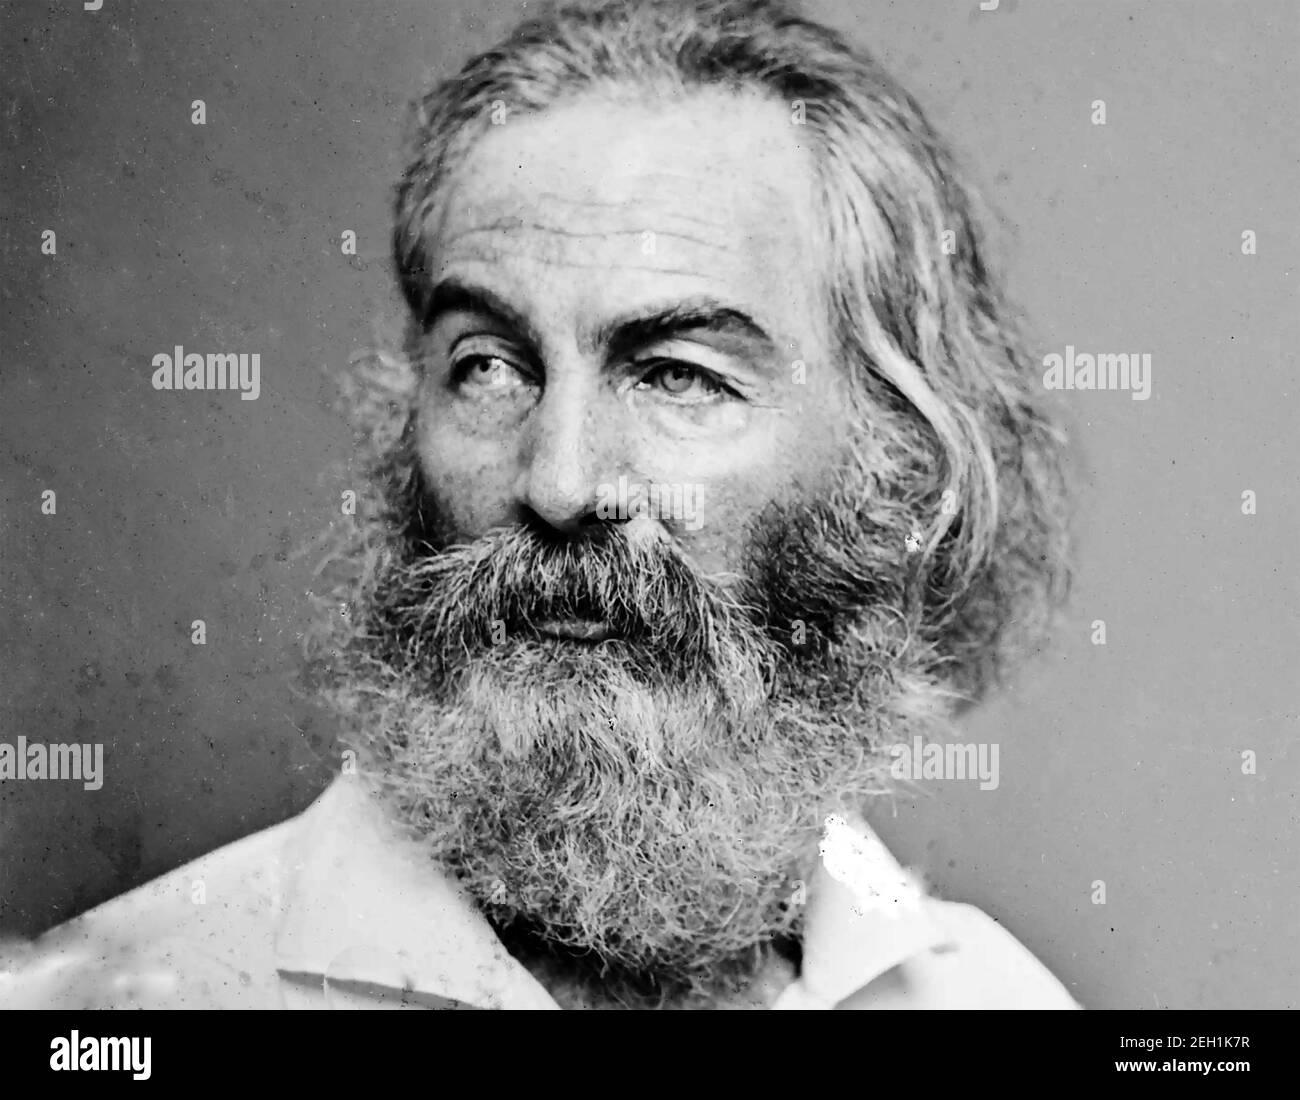 WALT WHITMAN (1819-1892) poète, essayiste et journaliste américain photographié par Matthew Brady vers 1875. Banque D'Images